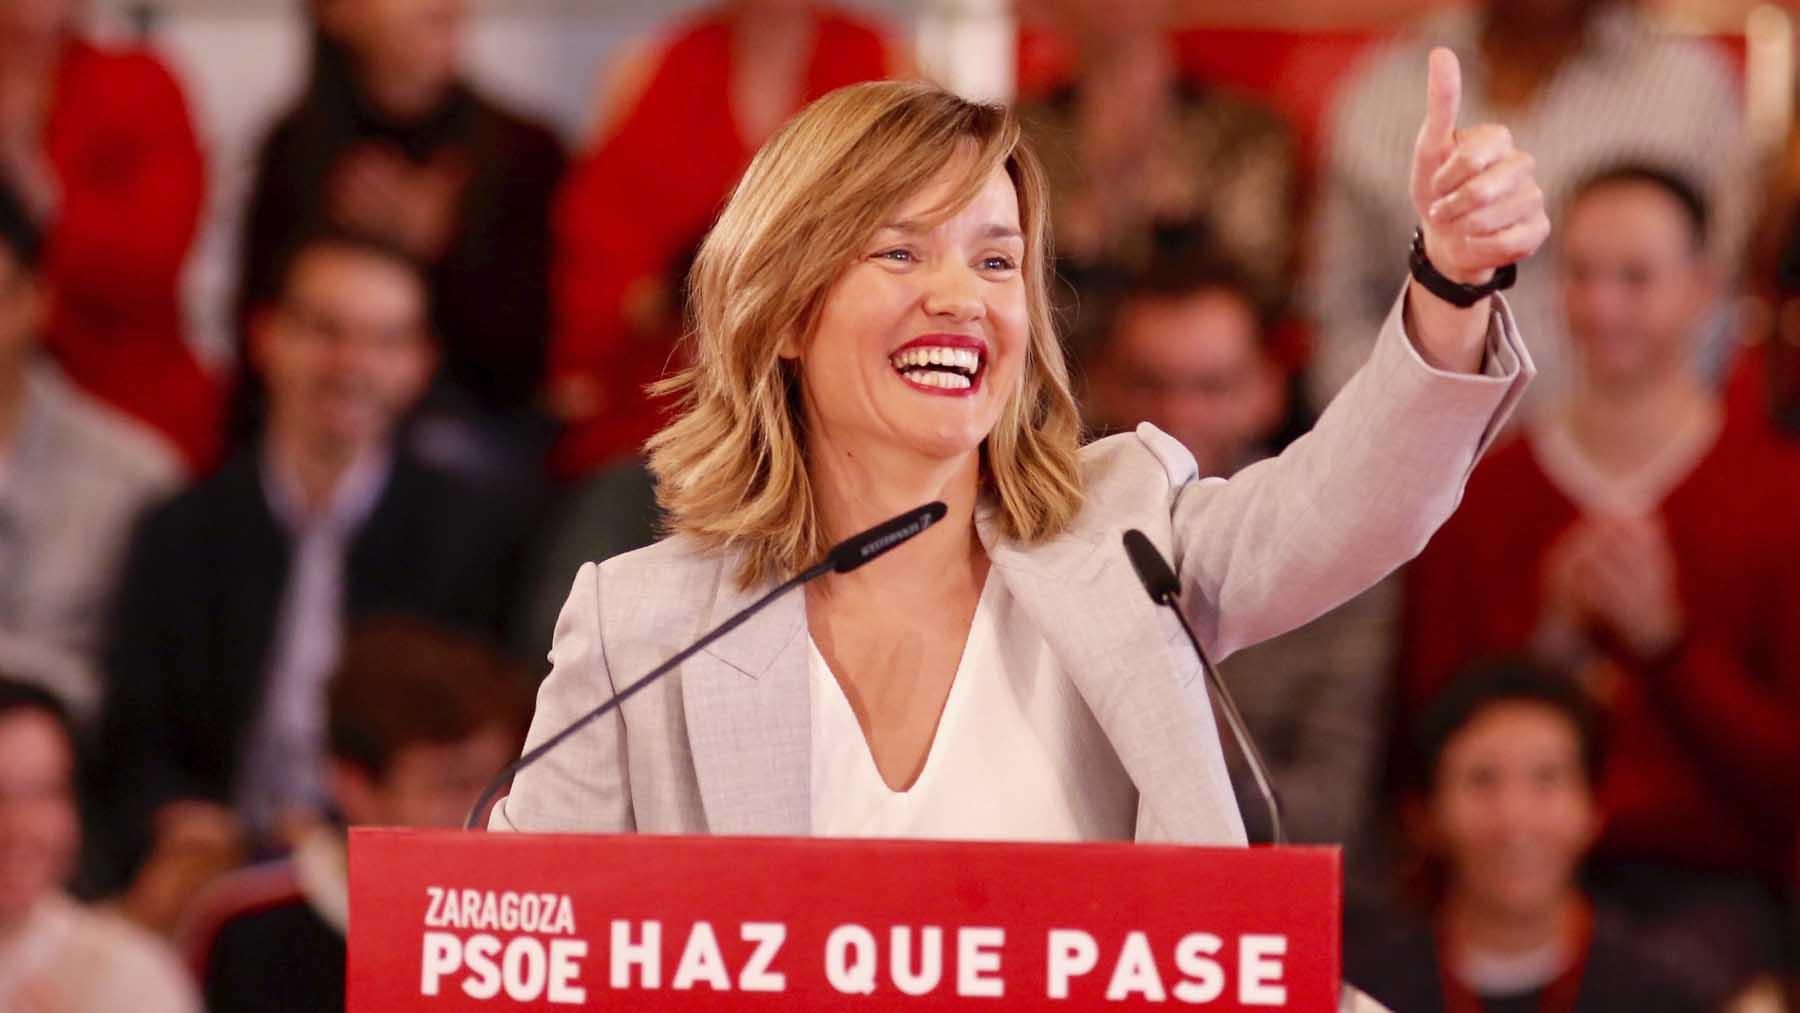 La nueva ministra de Educación, Pilar Alegría. Foto: Europa Press.